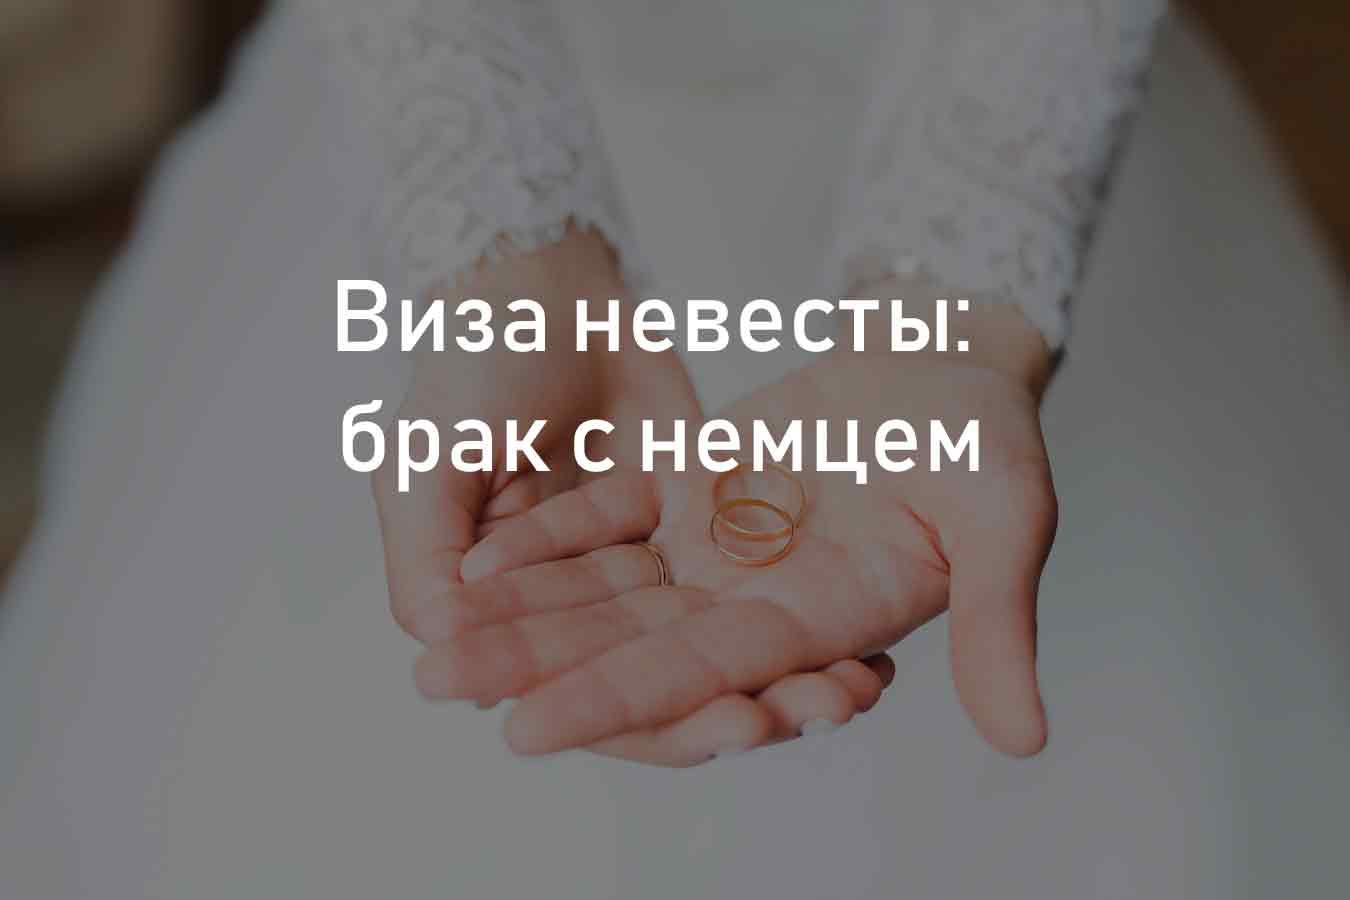 Брак с американцем в беларуси ⋆ семейная иммиграция в сша